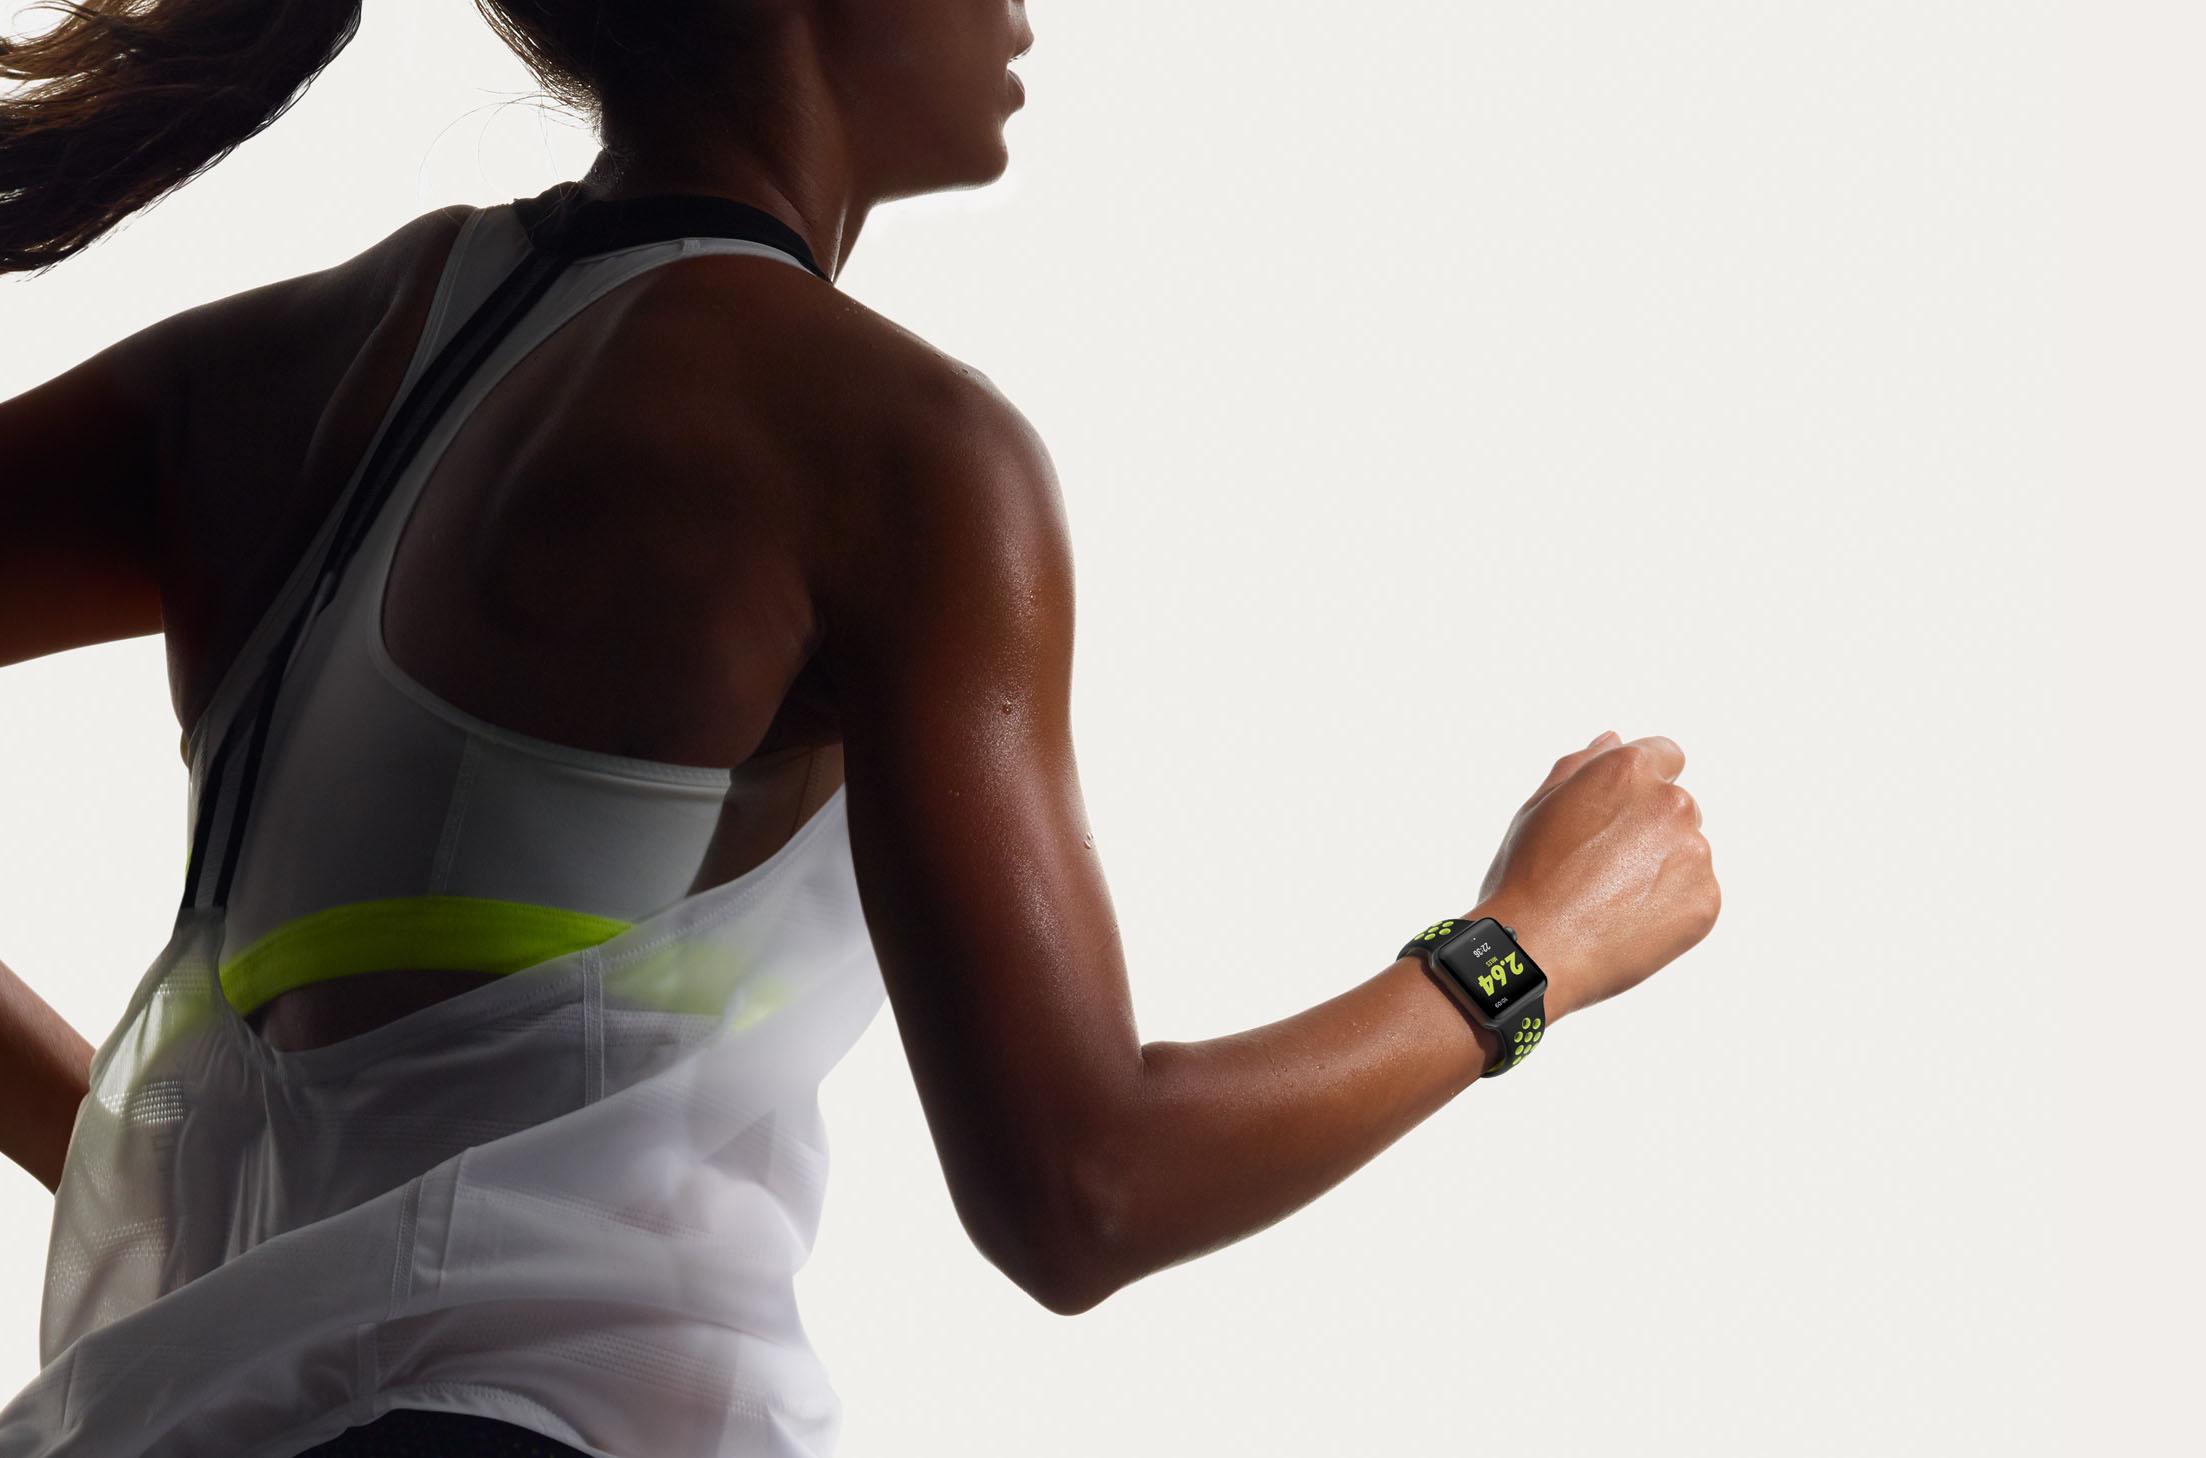 Выбираем умные часы для спорта. ТОП-10 лучших моделей в 2019 году